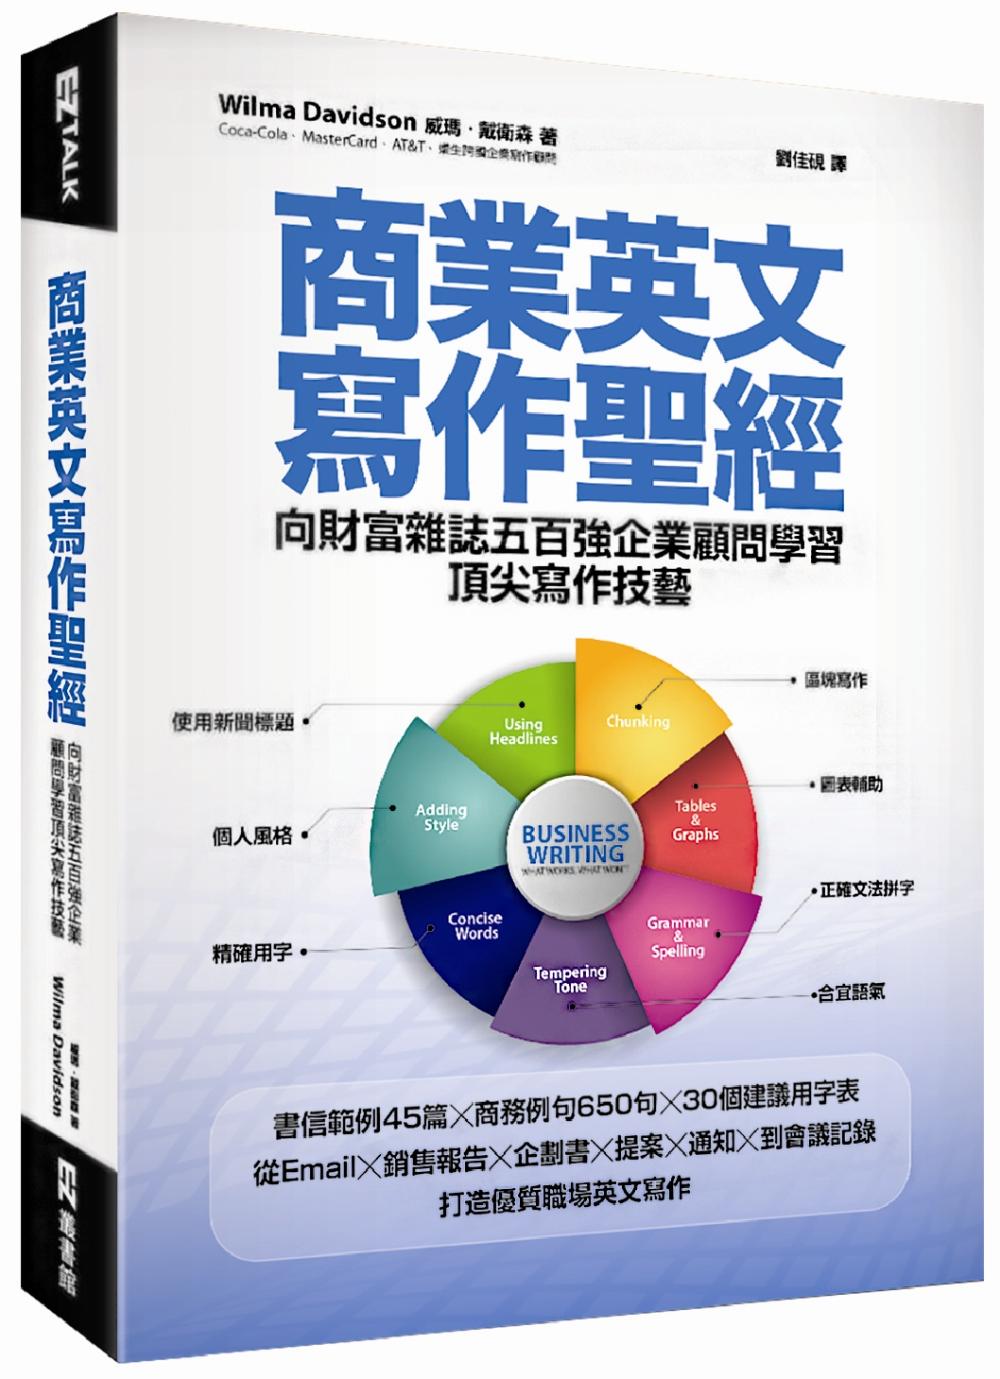 《商業英文寫作聖經:向財富雜誌五百強企業顧問學習頂尖寫作技藝》 商品條碼,ISBN:9789862486993